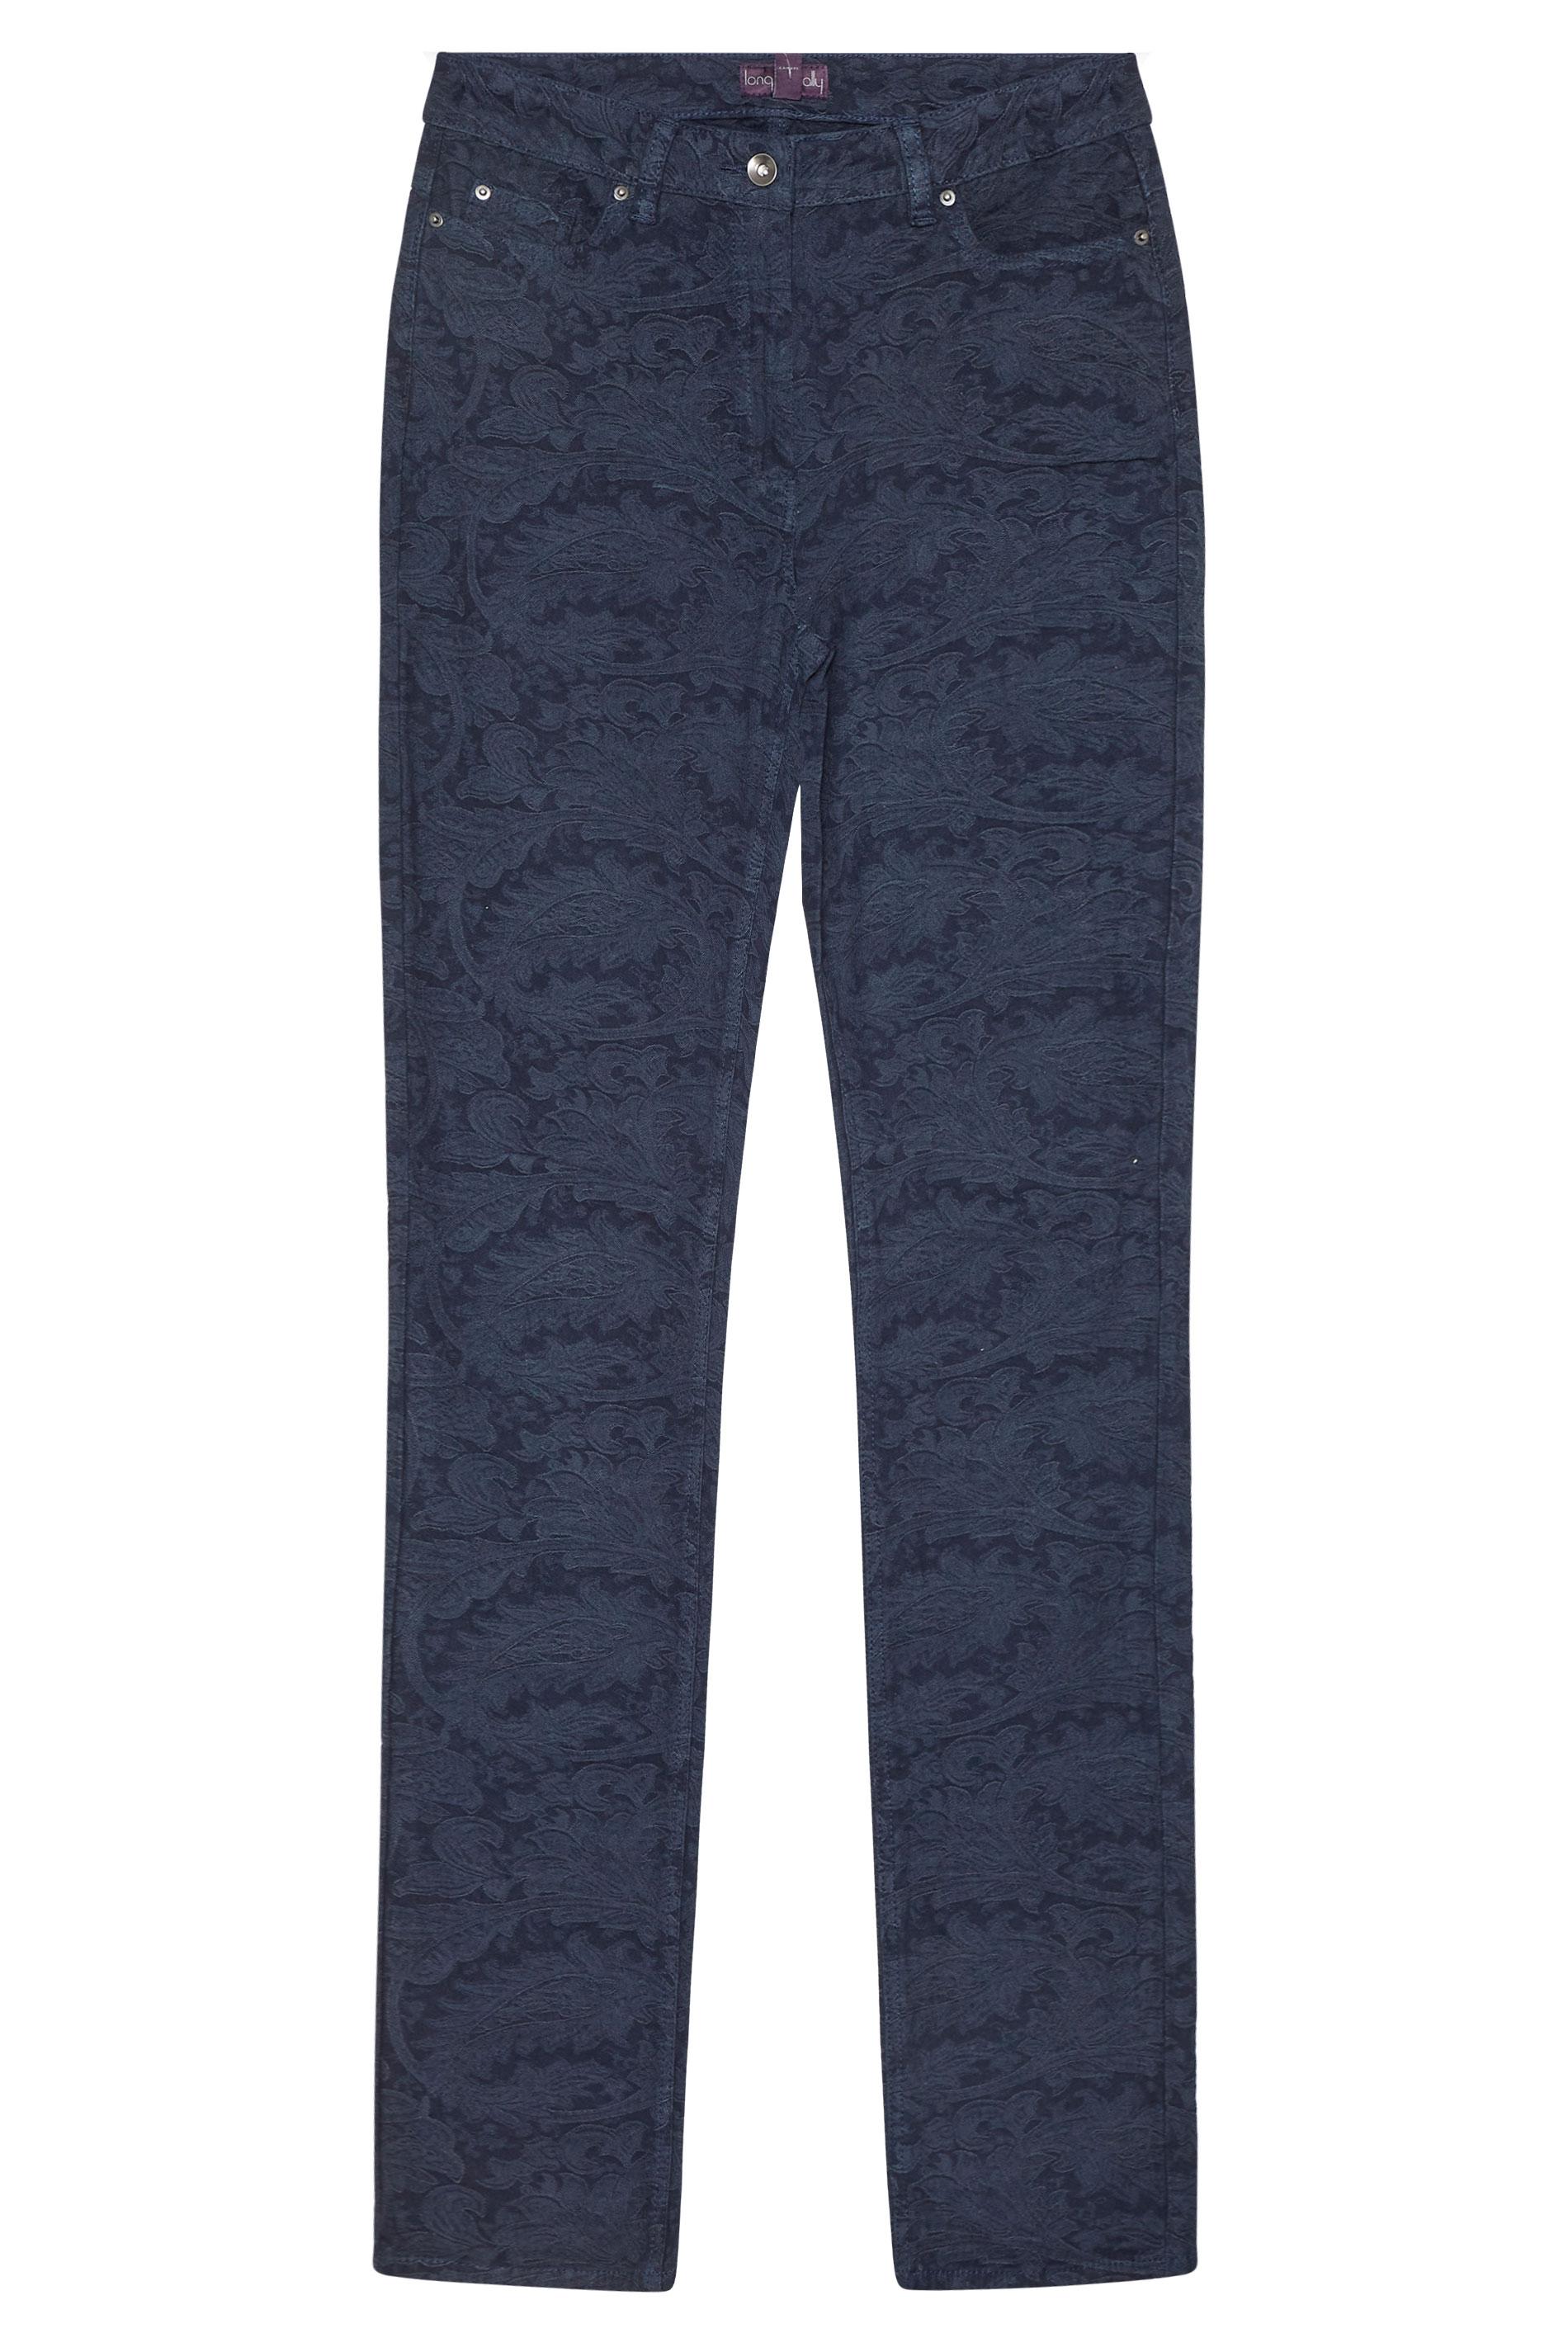 Indigo Blue Jacquard Jeans